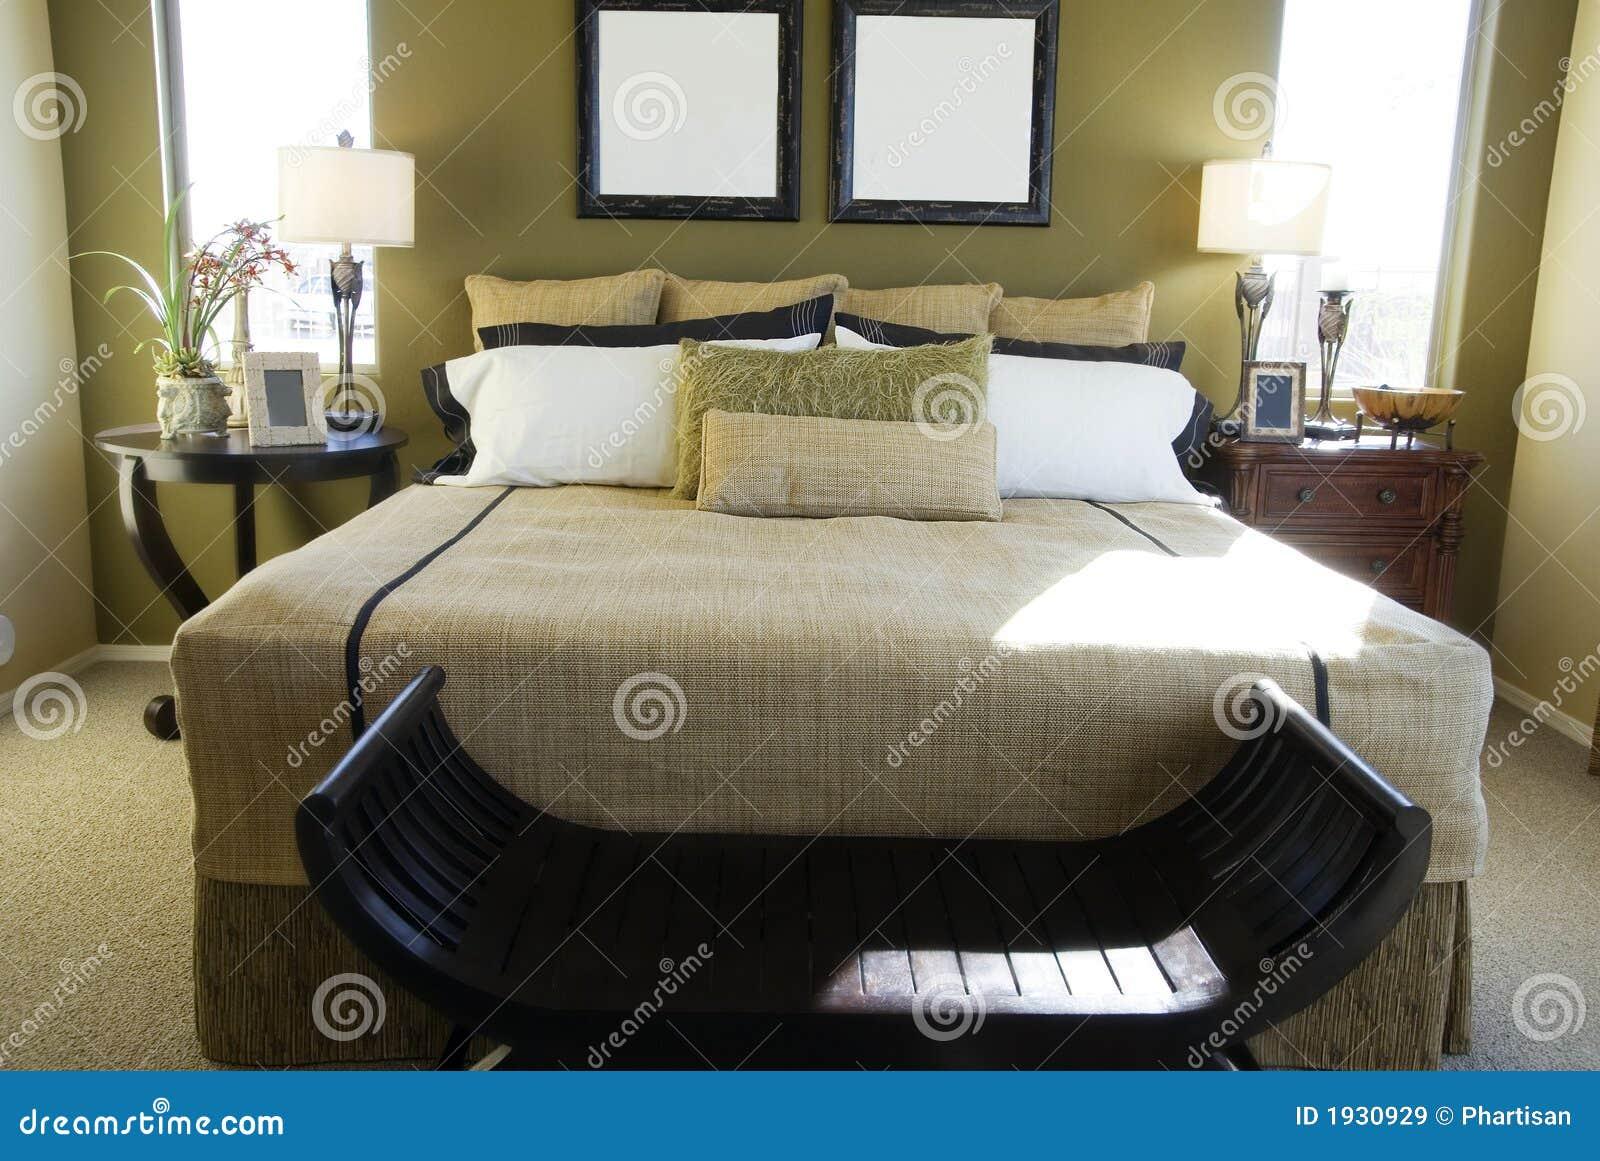 Chambre coucher de luxe moderne images libres de droits for Achat de chambre a coucher